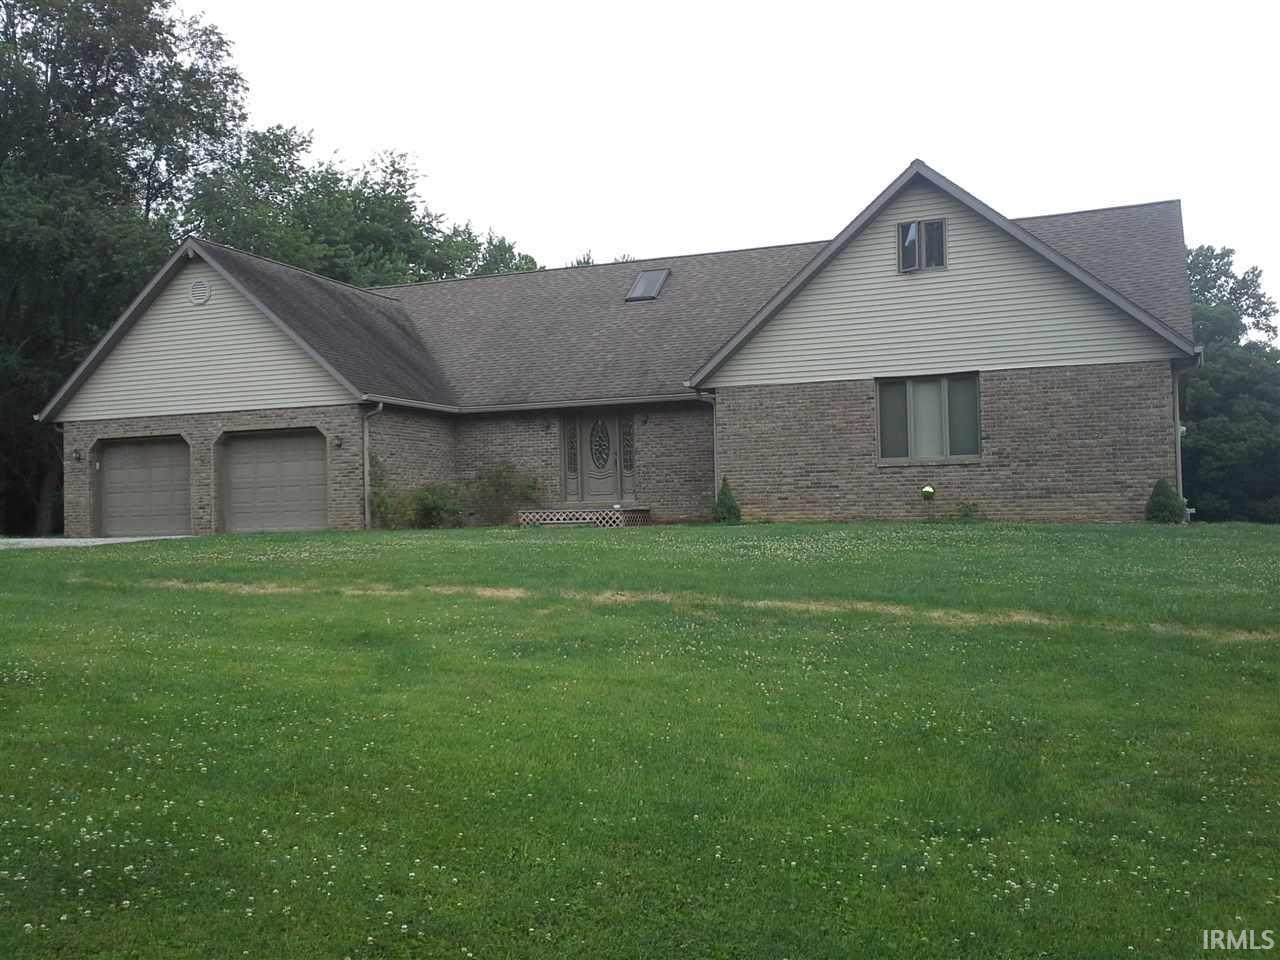 290 N Cold Springs Rd., Bloomfield, IN 47424